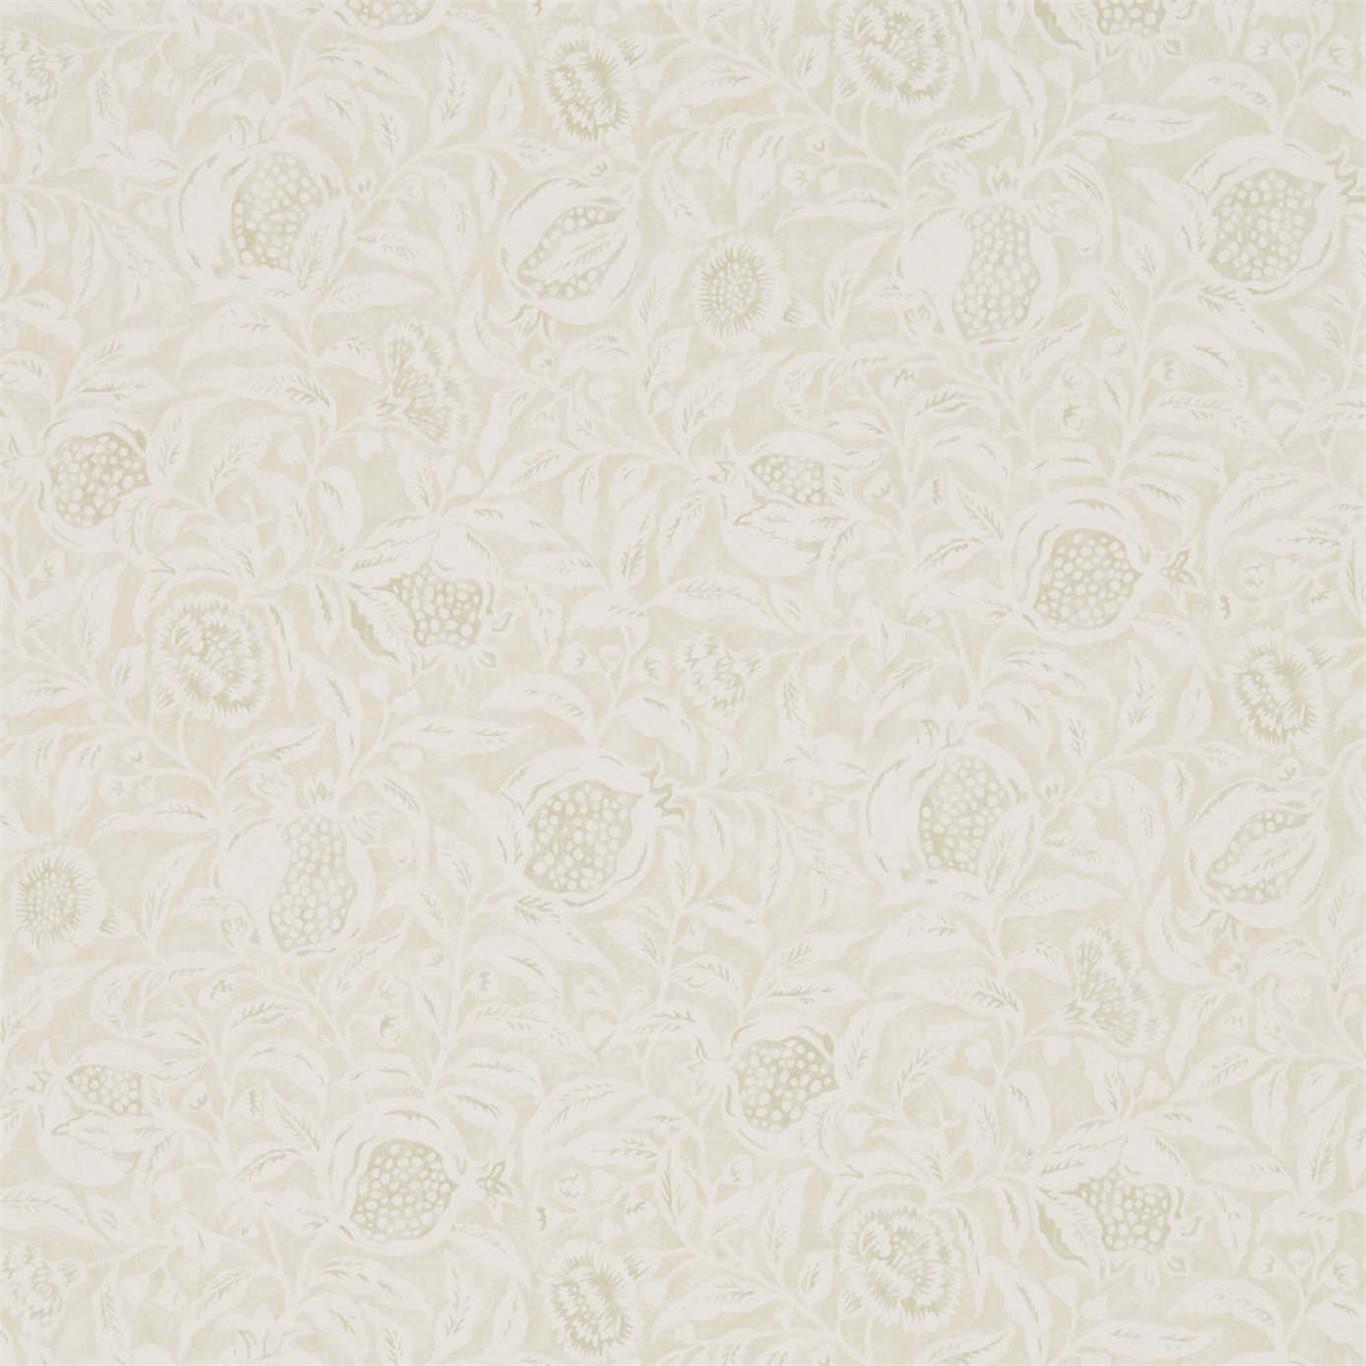 Papel pintado sanderson annandale 216396 - Sanderson papel pintado ...